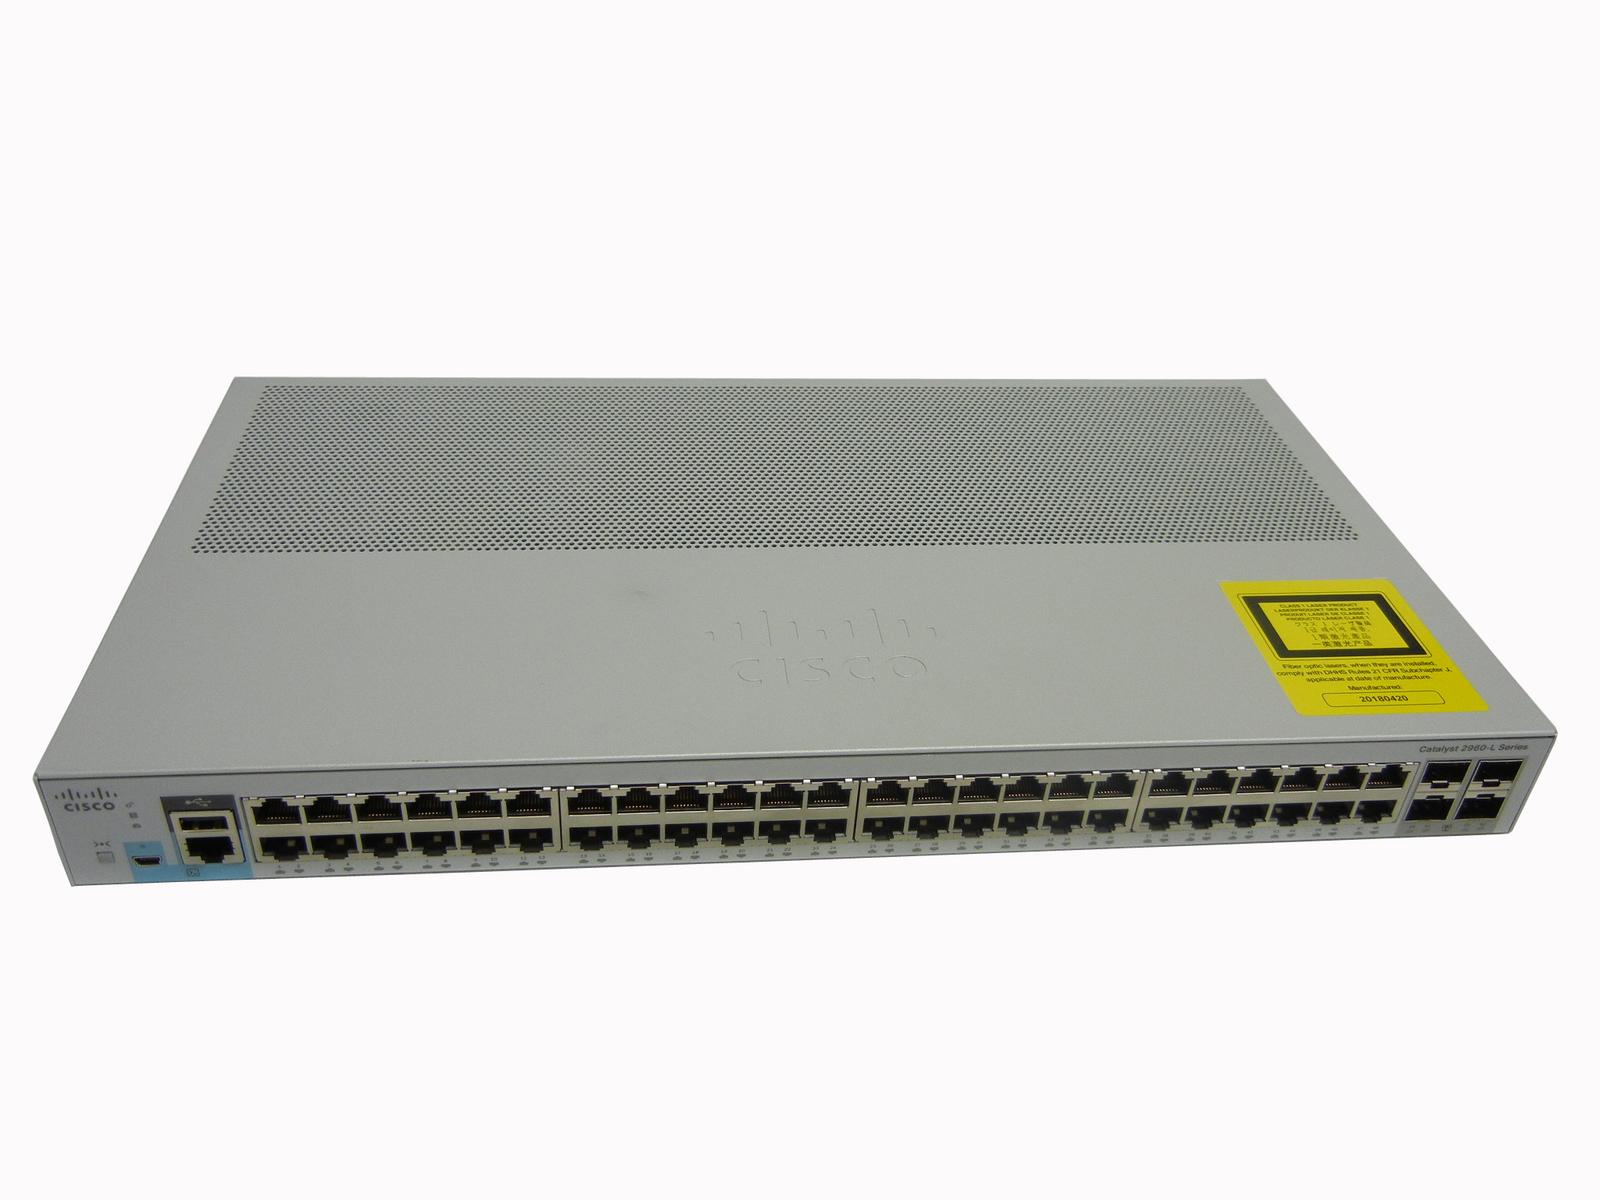 安いそれに目立つ 【中古 Catalyst】Cisco Catalyst【中古】Cisco 2960L-48TS-LL(WS-C2960L-48TS-LL), フラメンコのイベリア:454db6ad --- ges.me